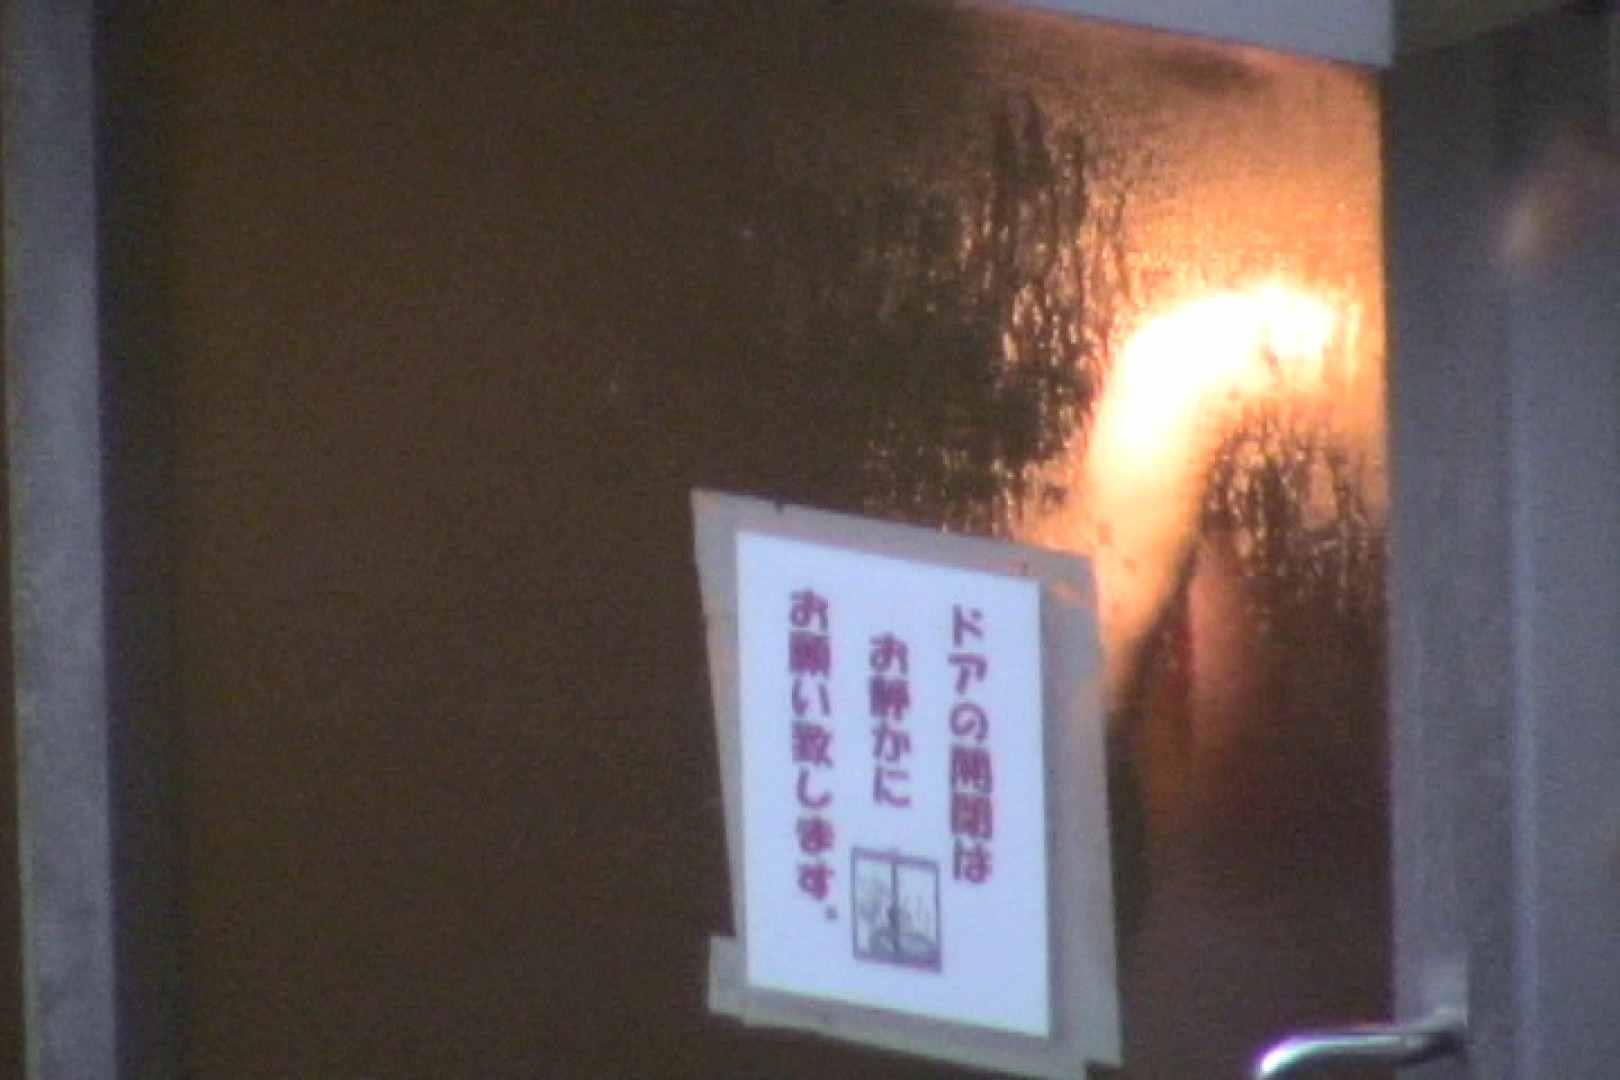 Aquaな露天風呂Vol.702 OLエロ画像 隠し撮りオマンコ動画紹介 109PICs 38